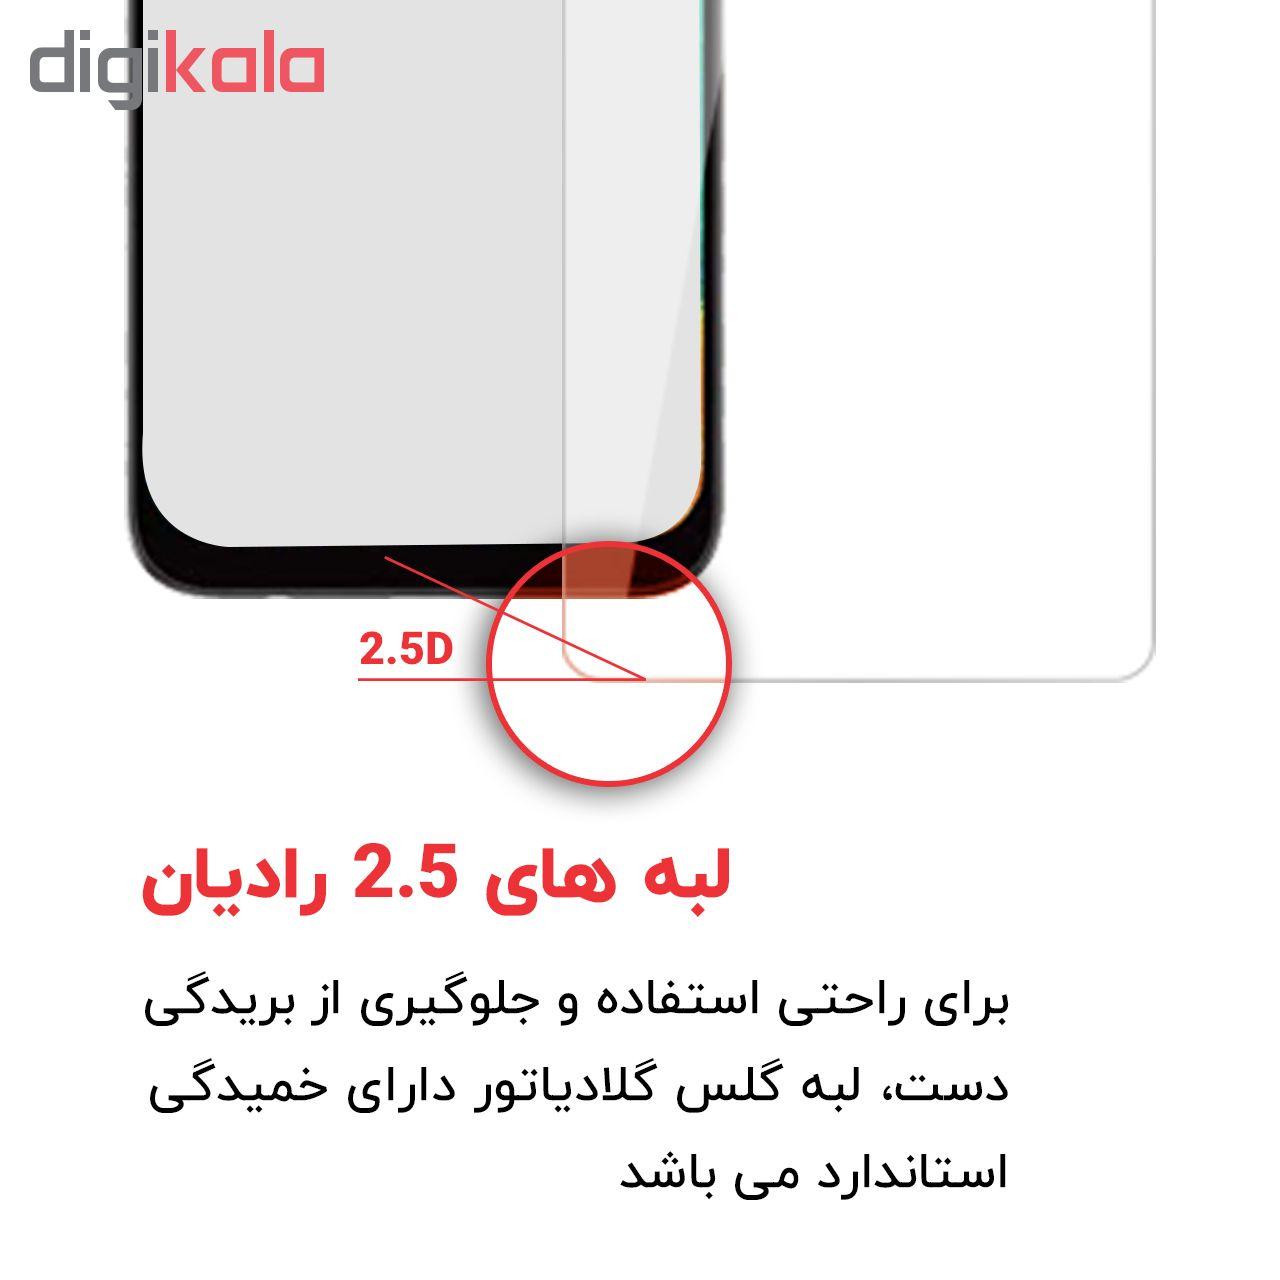 محافظ صفحه نمایش گلادیاتور مدل GPH1000 مناسب برای گوشی موبایل هوآوی Y9 2019 thumb 2 6